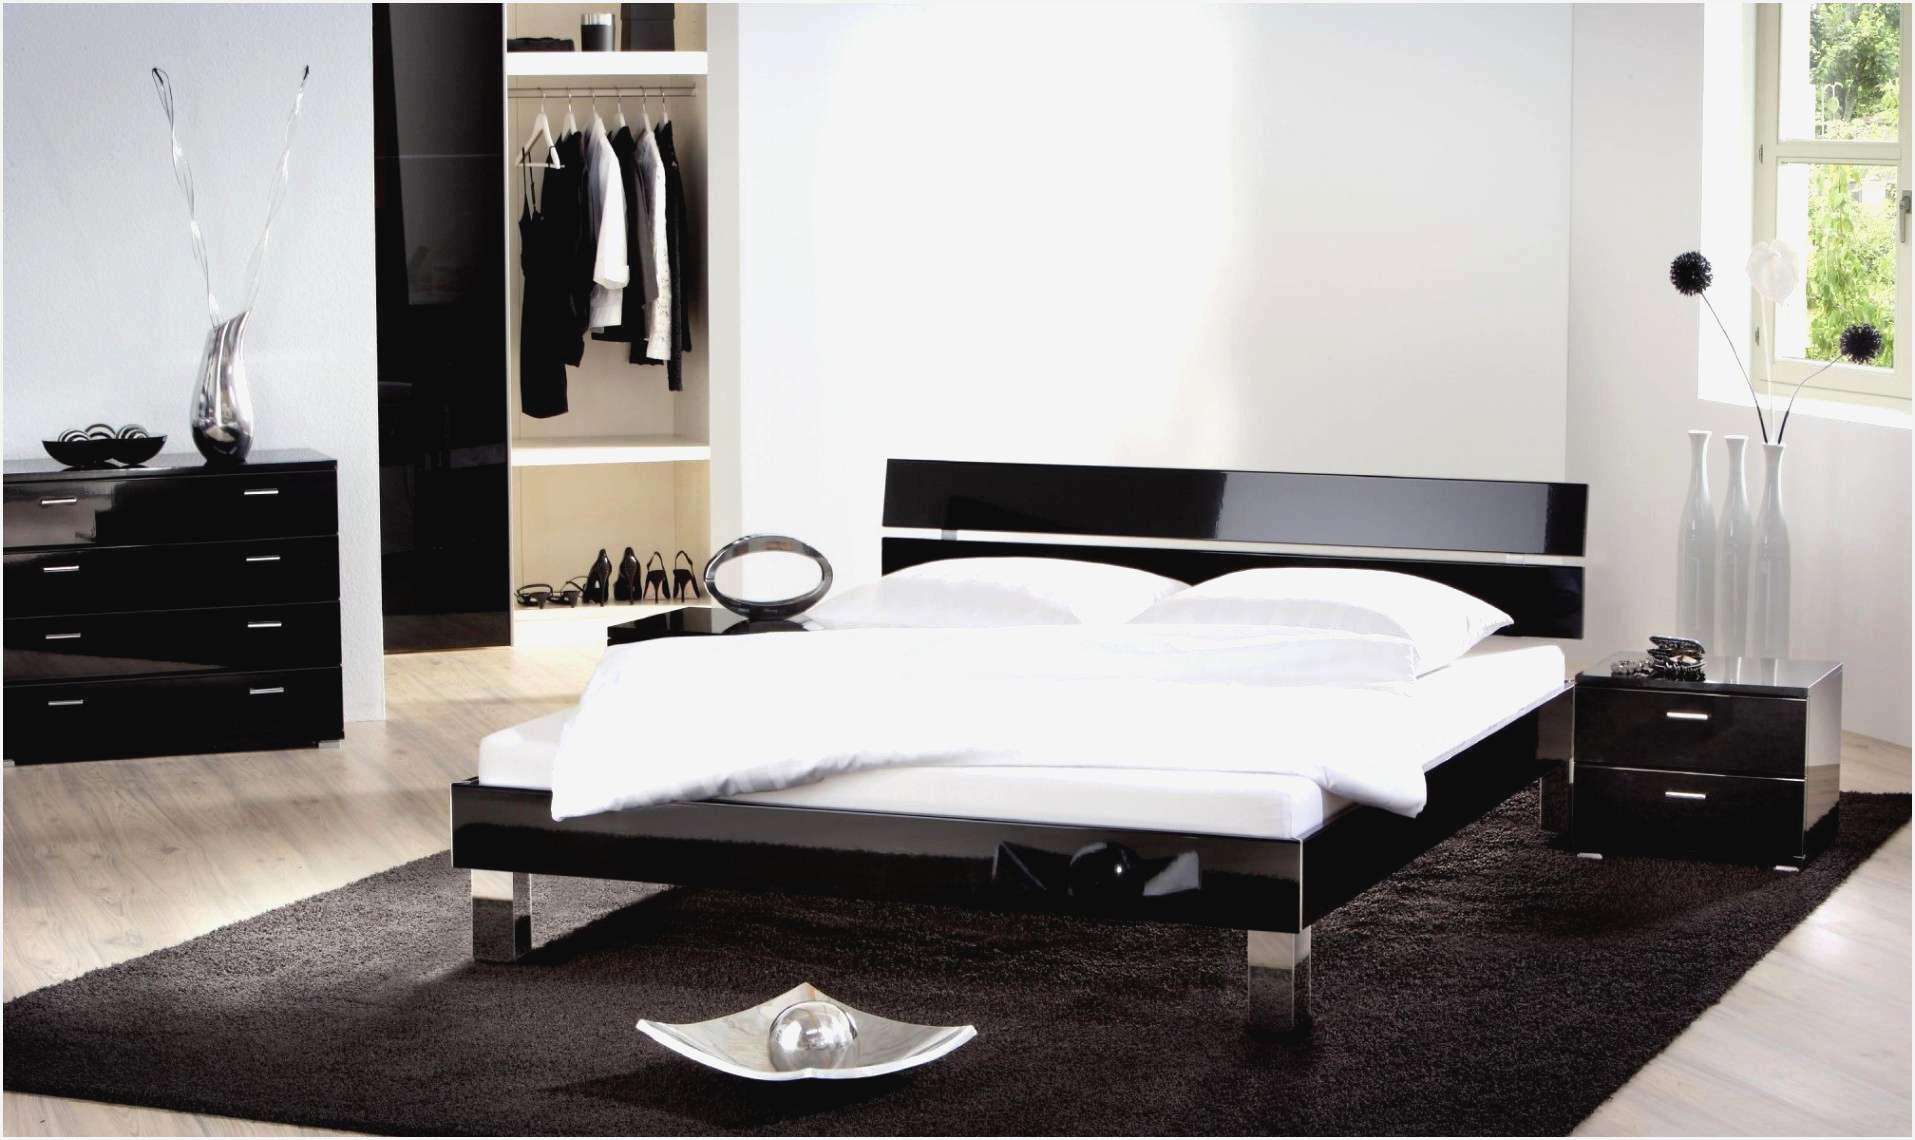 wandengelfiguren schlafzimmer deko of wandengelfiguren schlafzimmer deko